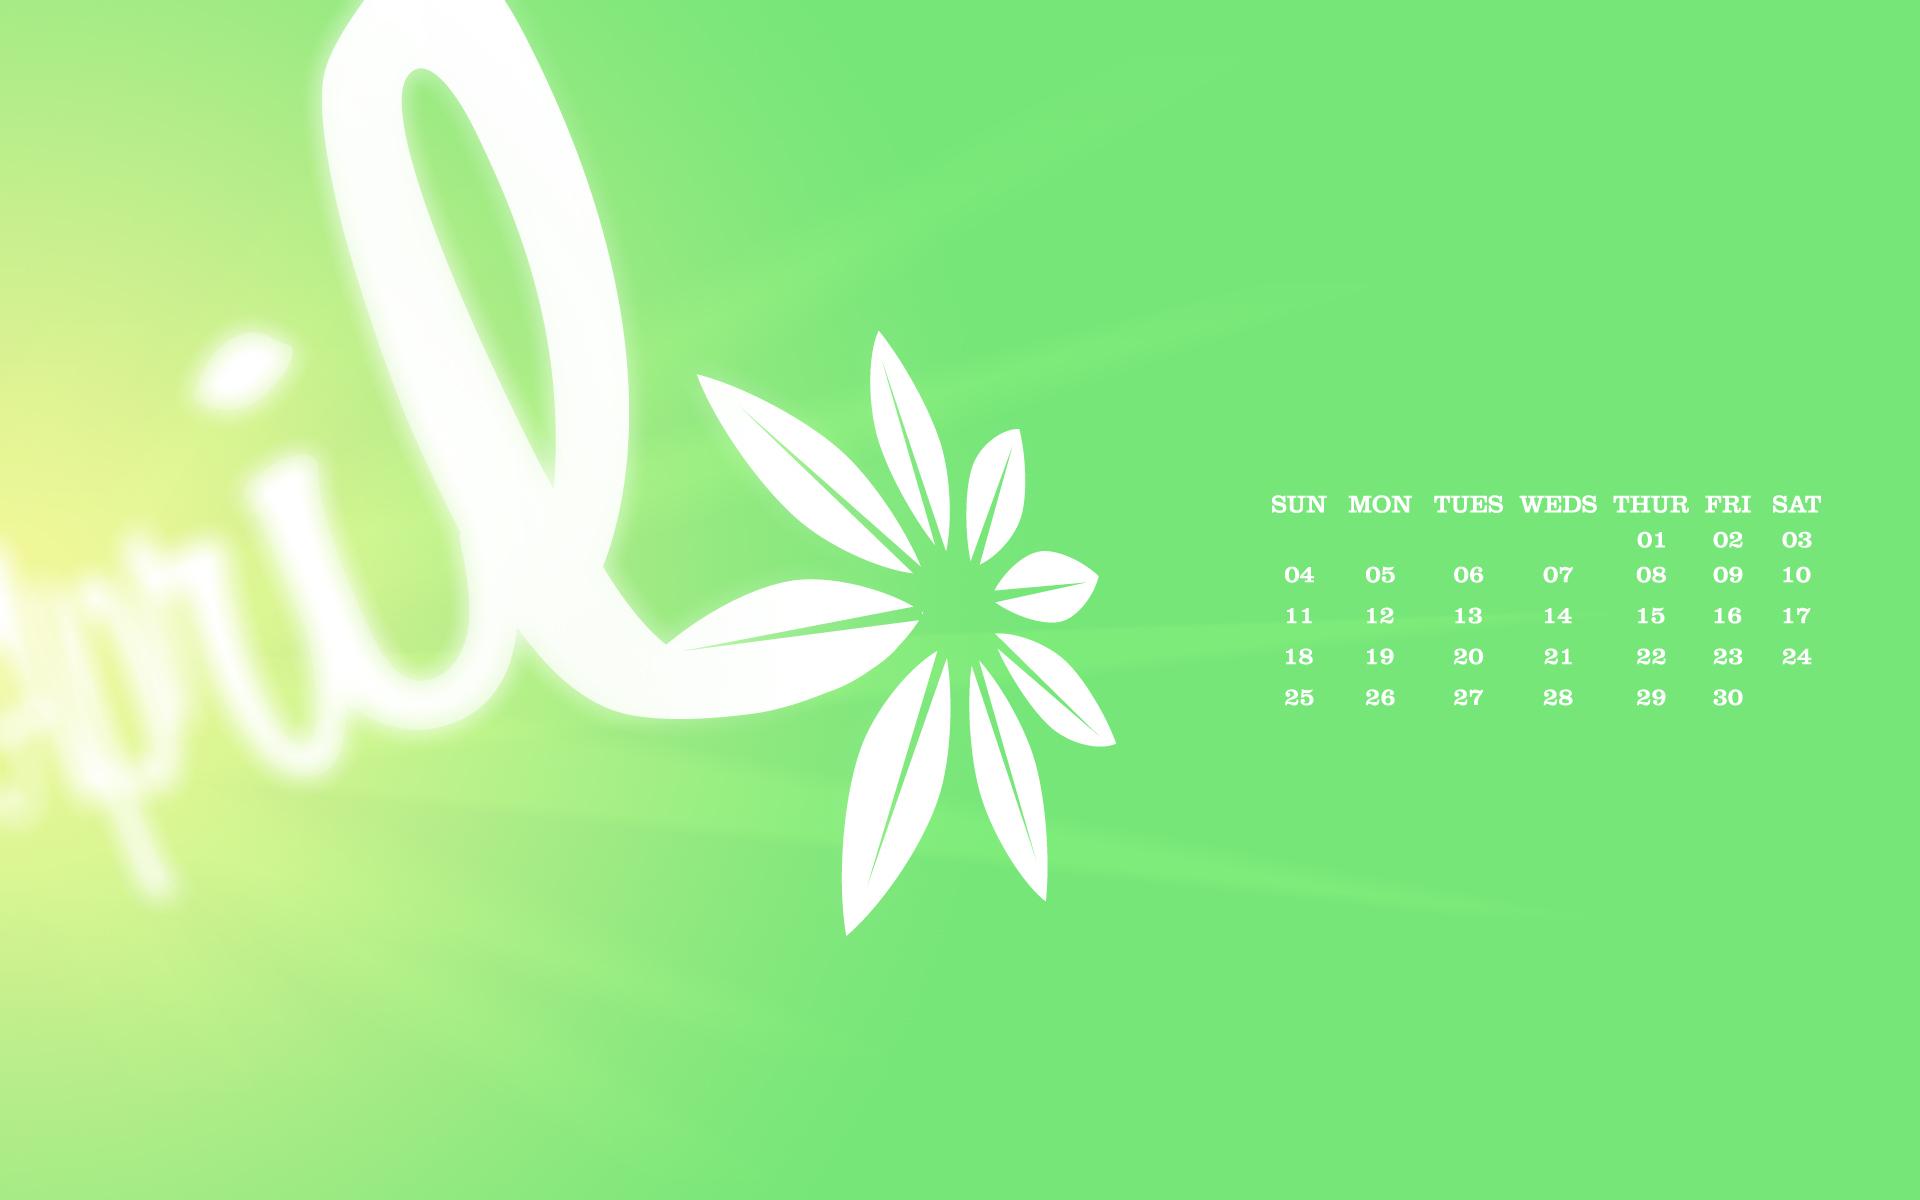 April Desktop Calendar Wallpaper Paper Leaf 1920x1200